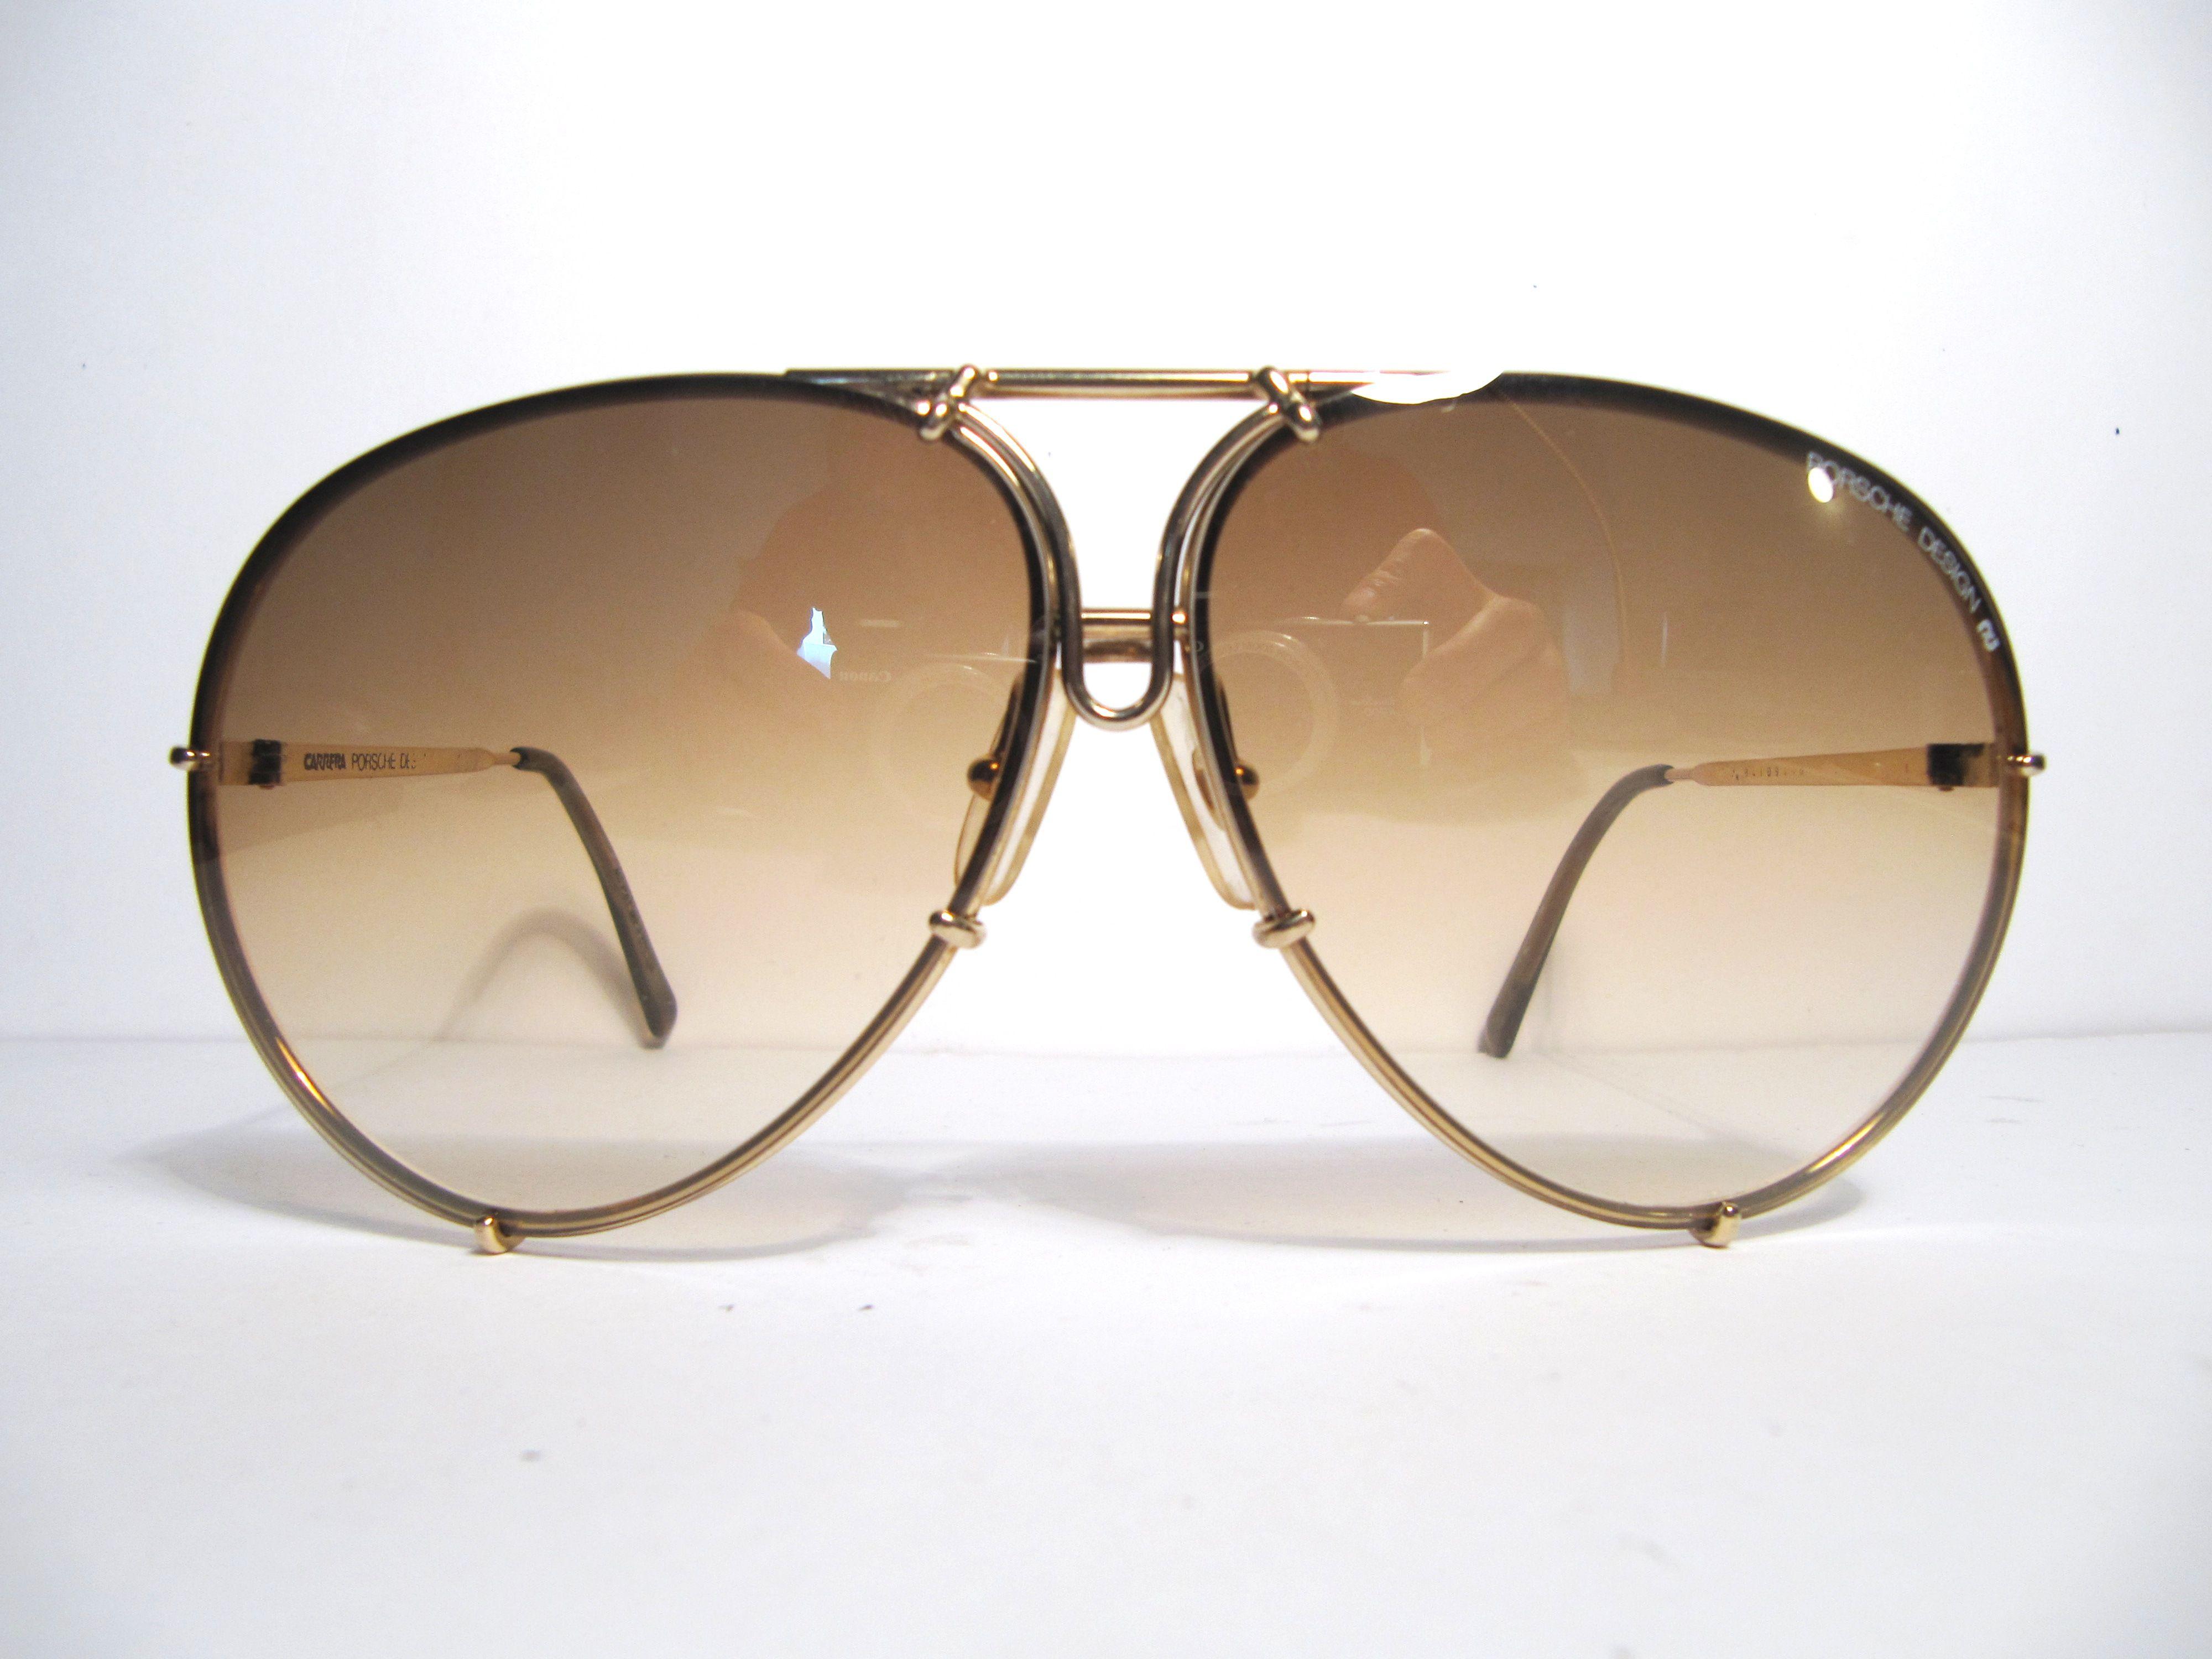 670ebfa6366a Pin by Porsche-Deals.com on Porsche Sunglasses | Porsche sunglasses ...